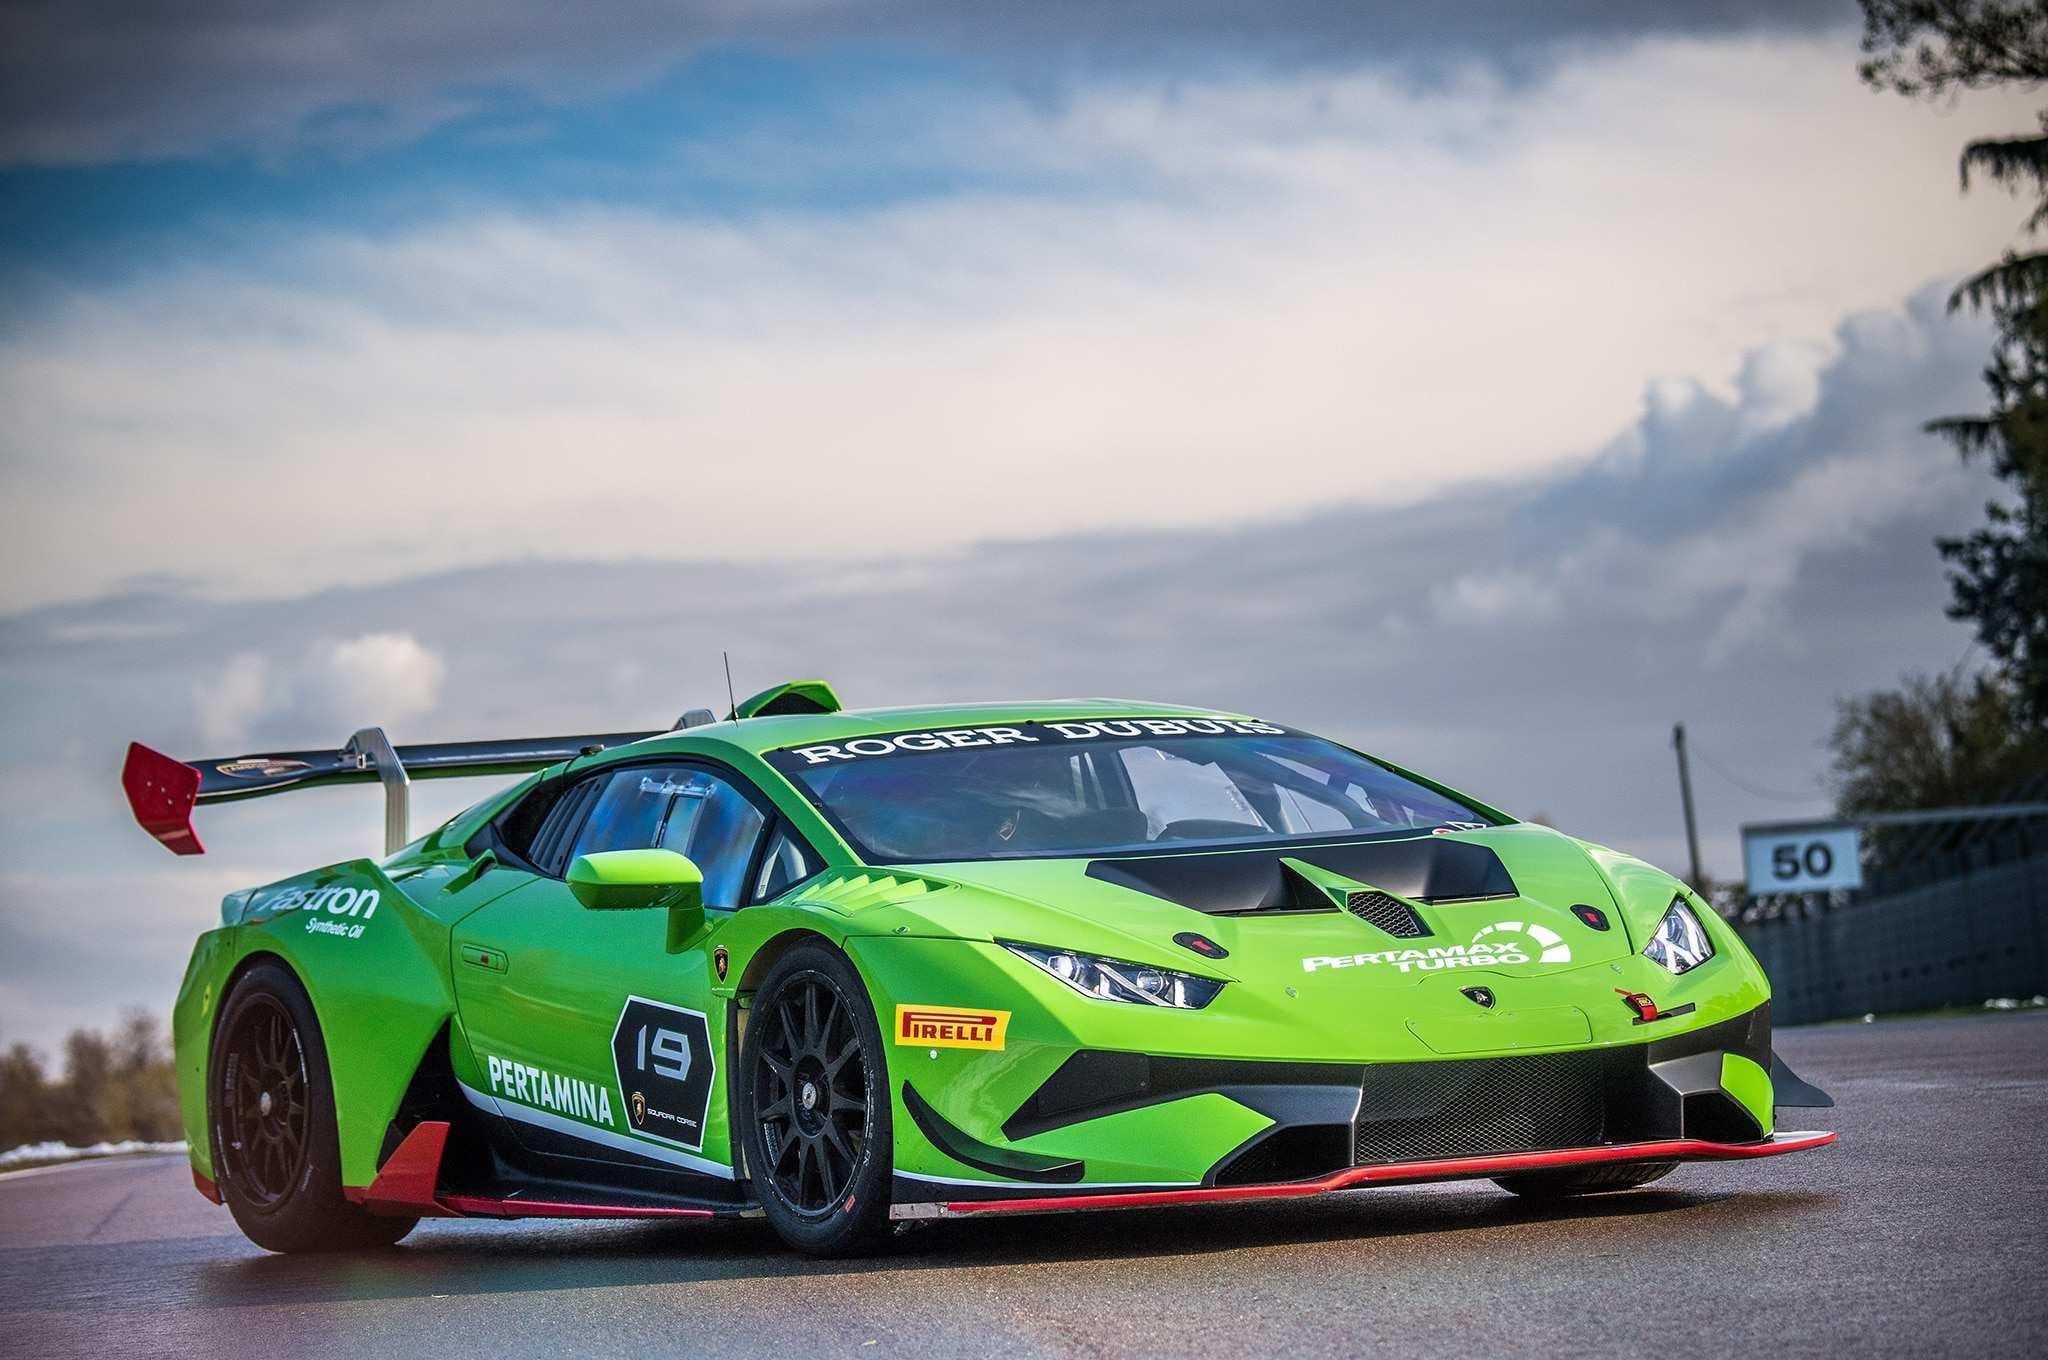 27 Great 2019 Lamborghini Huracan Gt3 Evo Release with 2019 Lamborghini Huracan Gt3 Evo